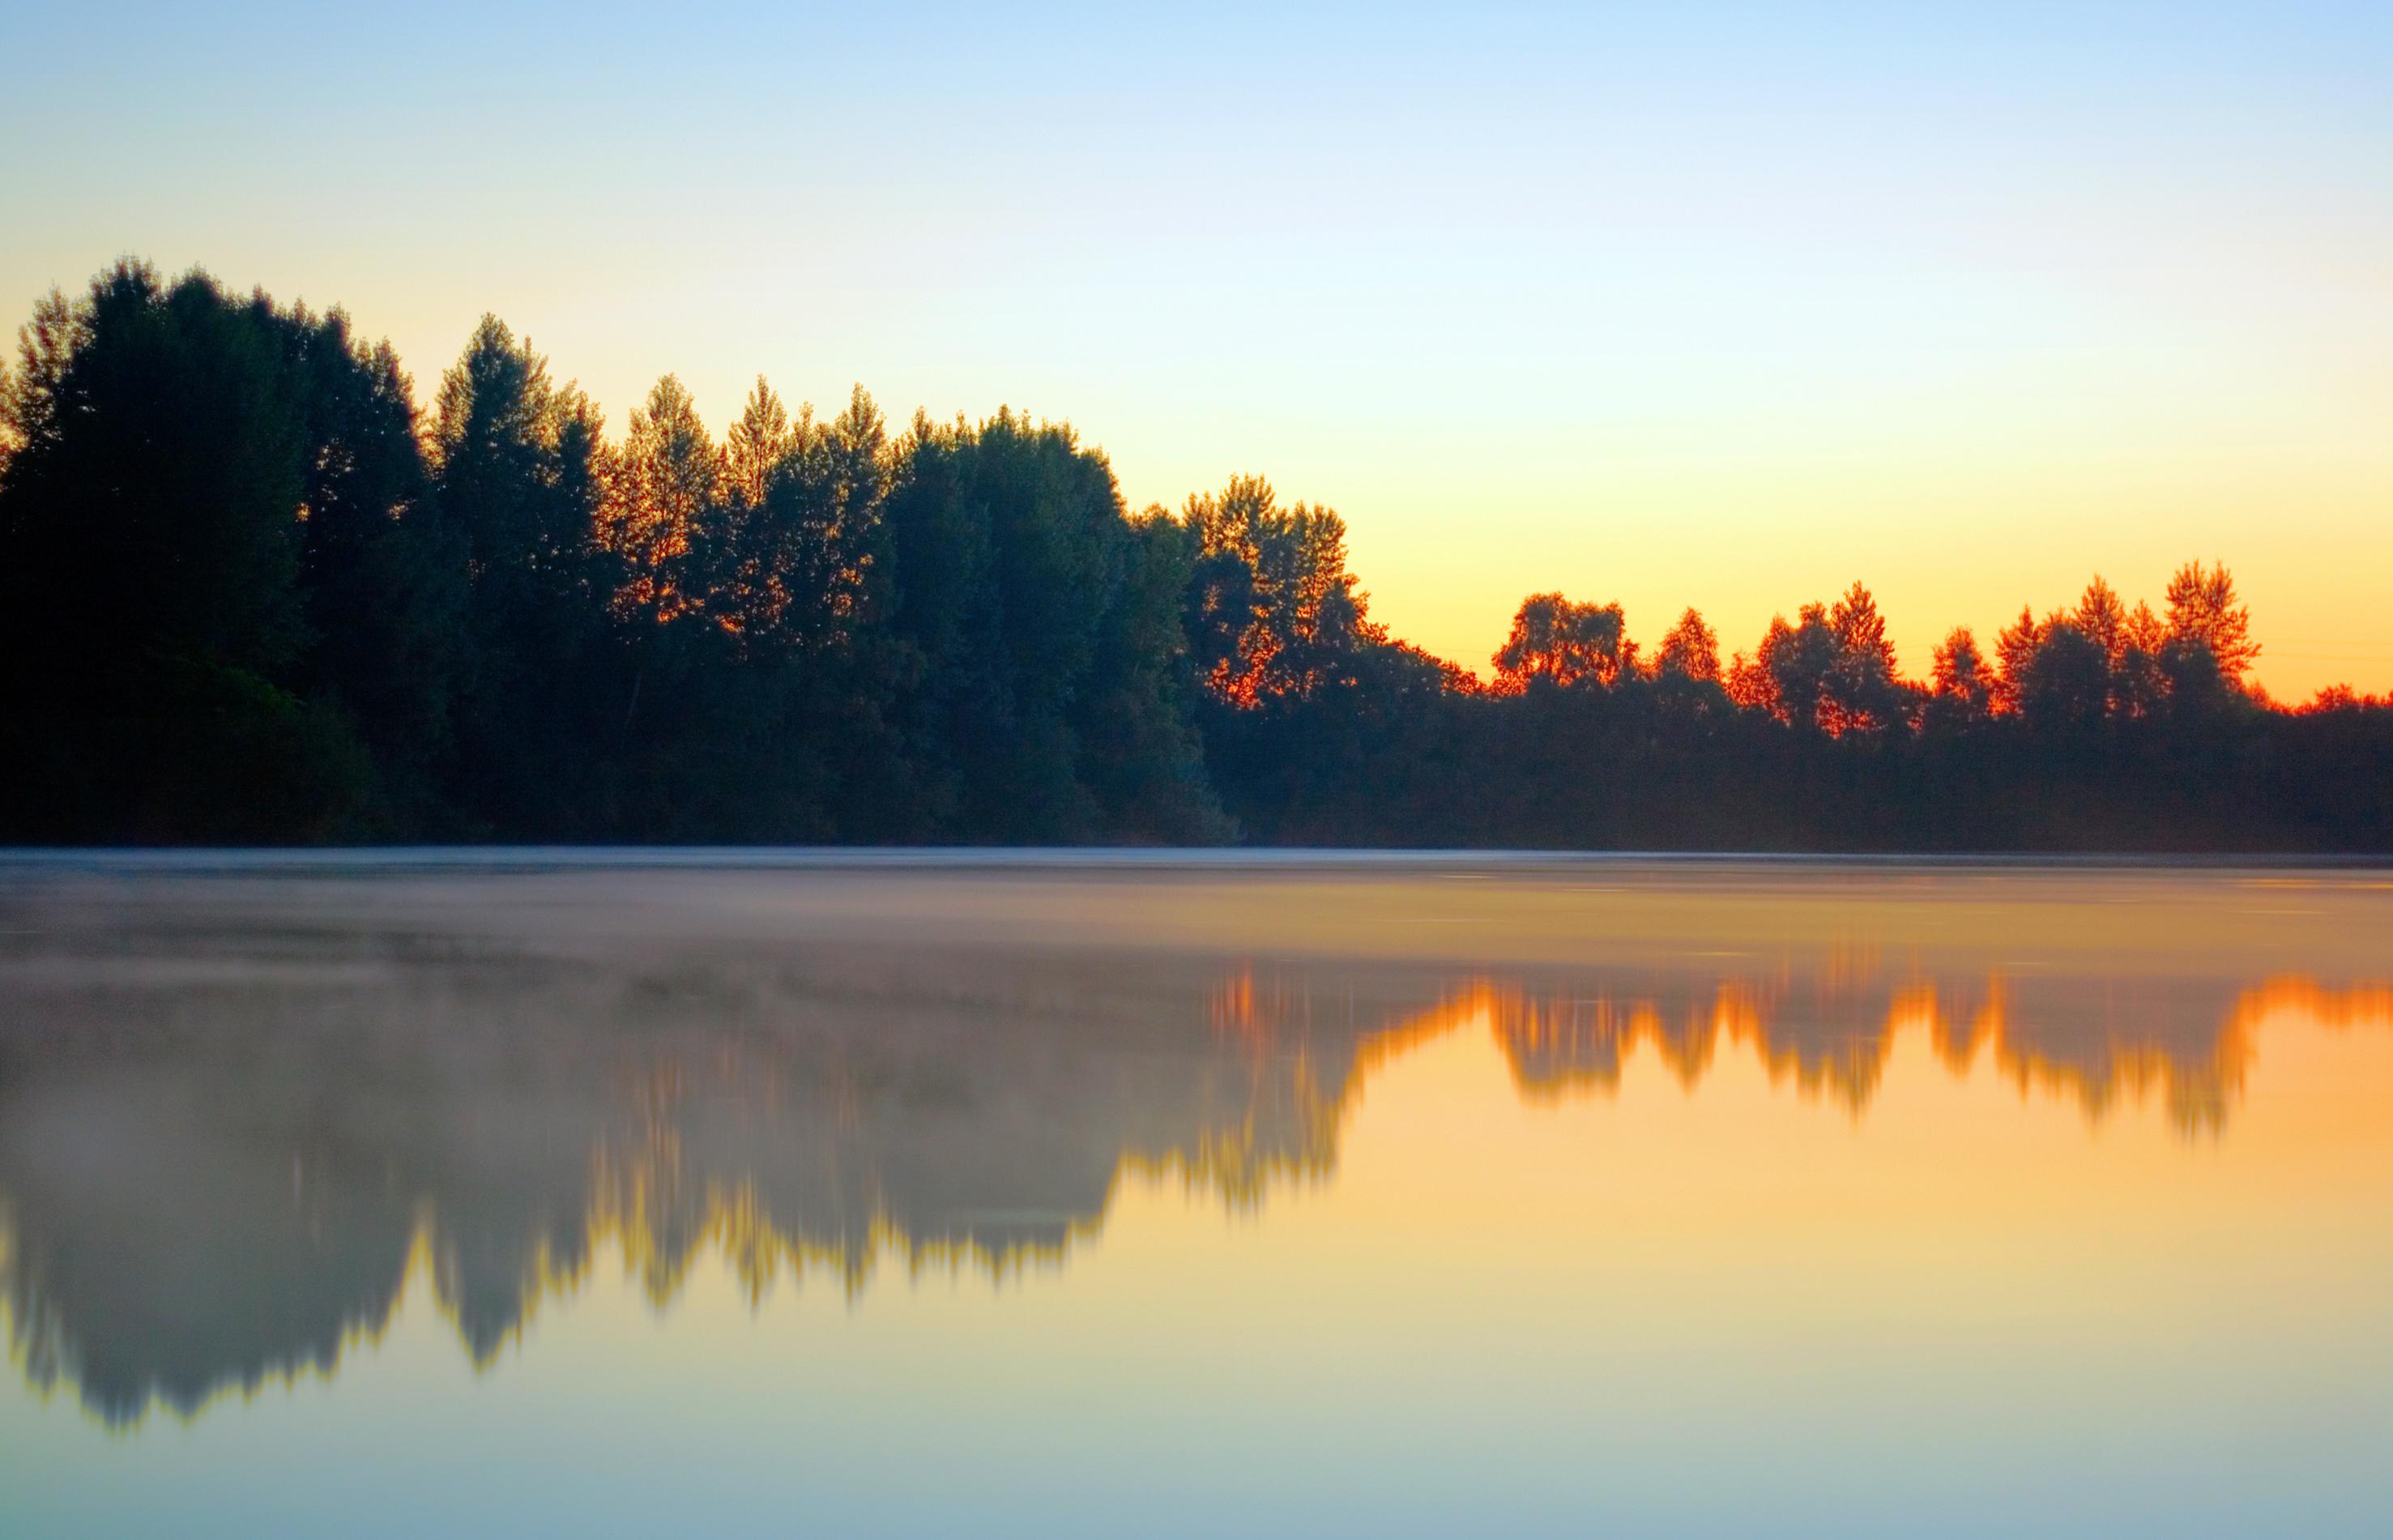 Morning lake photo